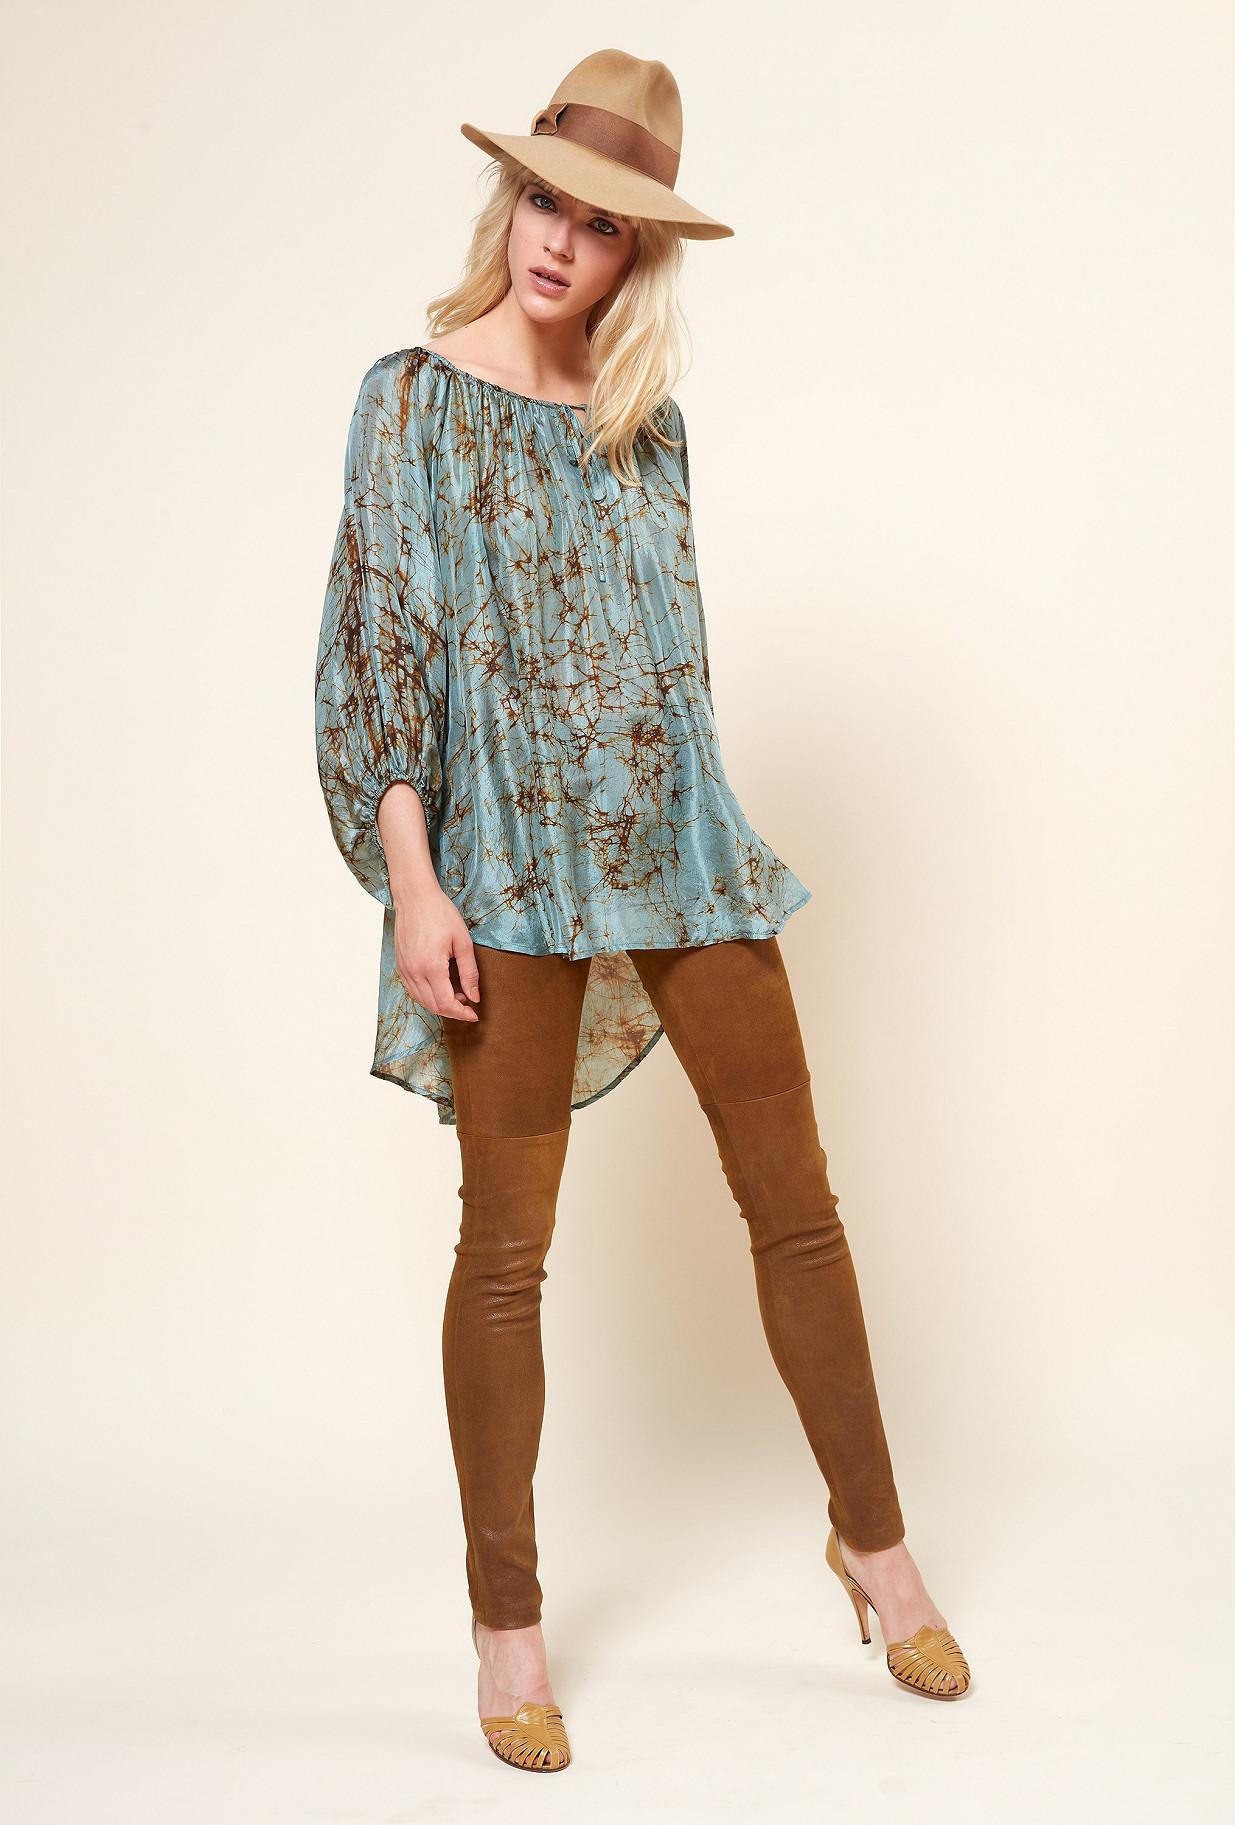 Paris clothes store Blouse  Mallaury french designer fashion Paris